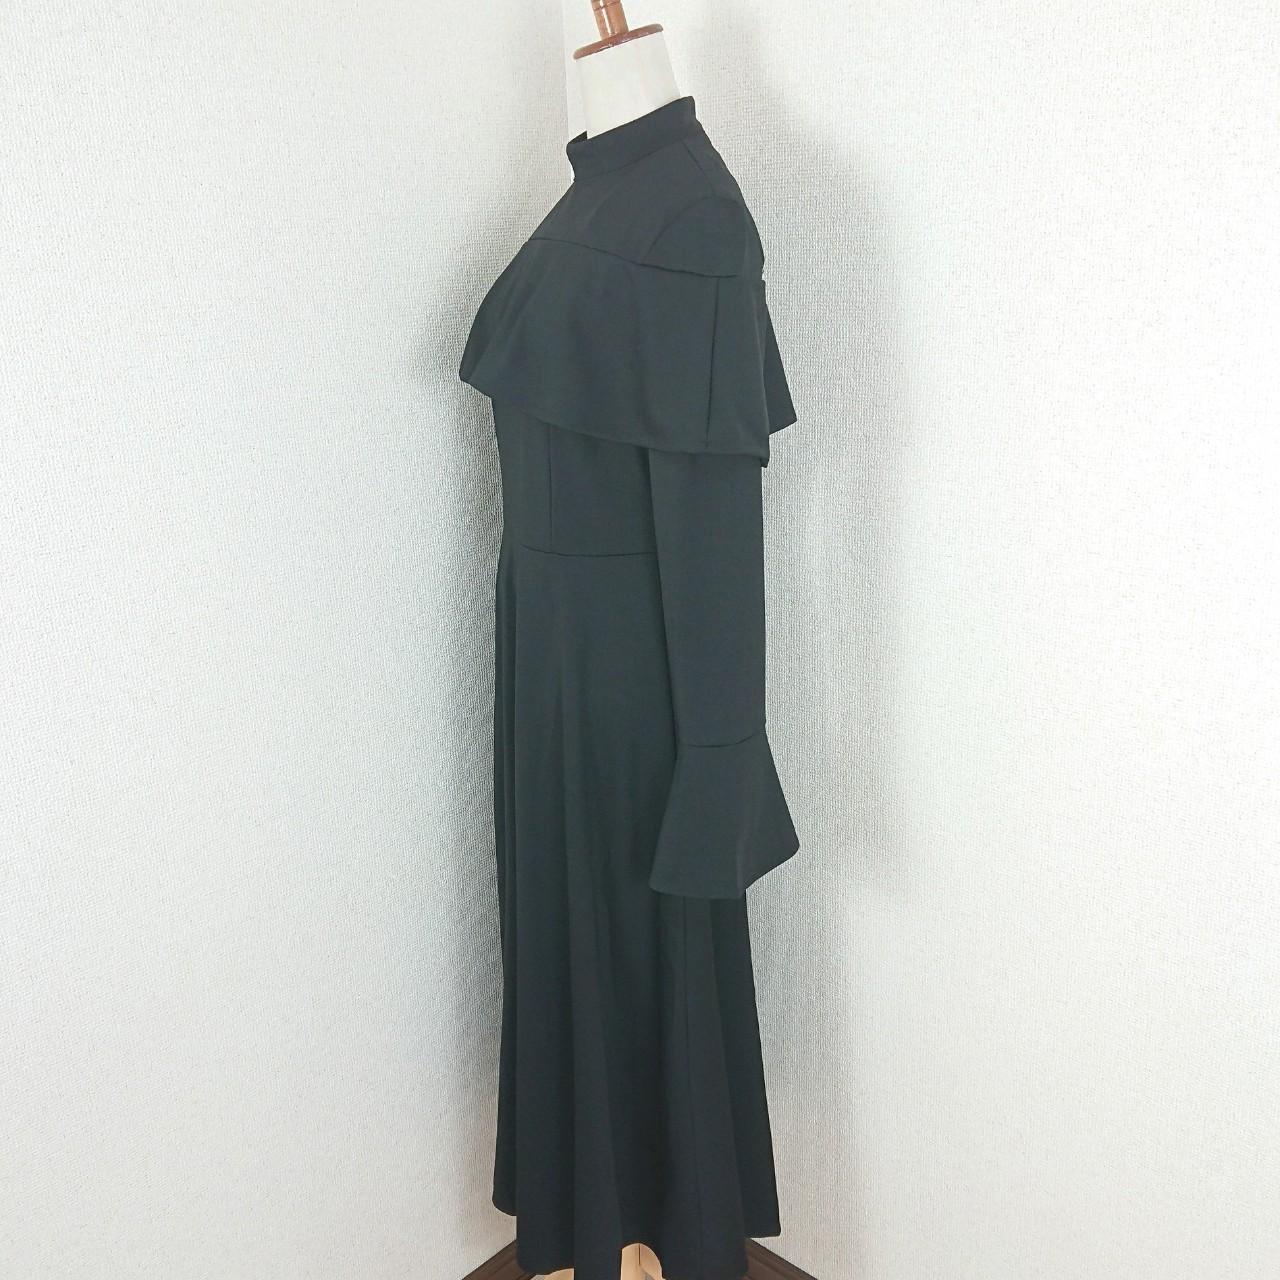 【即納】韓国 ファッション ワンピース パーティードレス ロング マキシ 秋 冬 パーティー ブライダル SPTXC533 結婚式 お呼ばれ ハイネック オフショルダー風 ベ 二次会 セレブ きれいめの写真14枚目